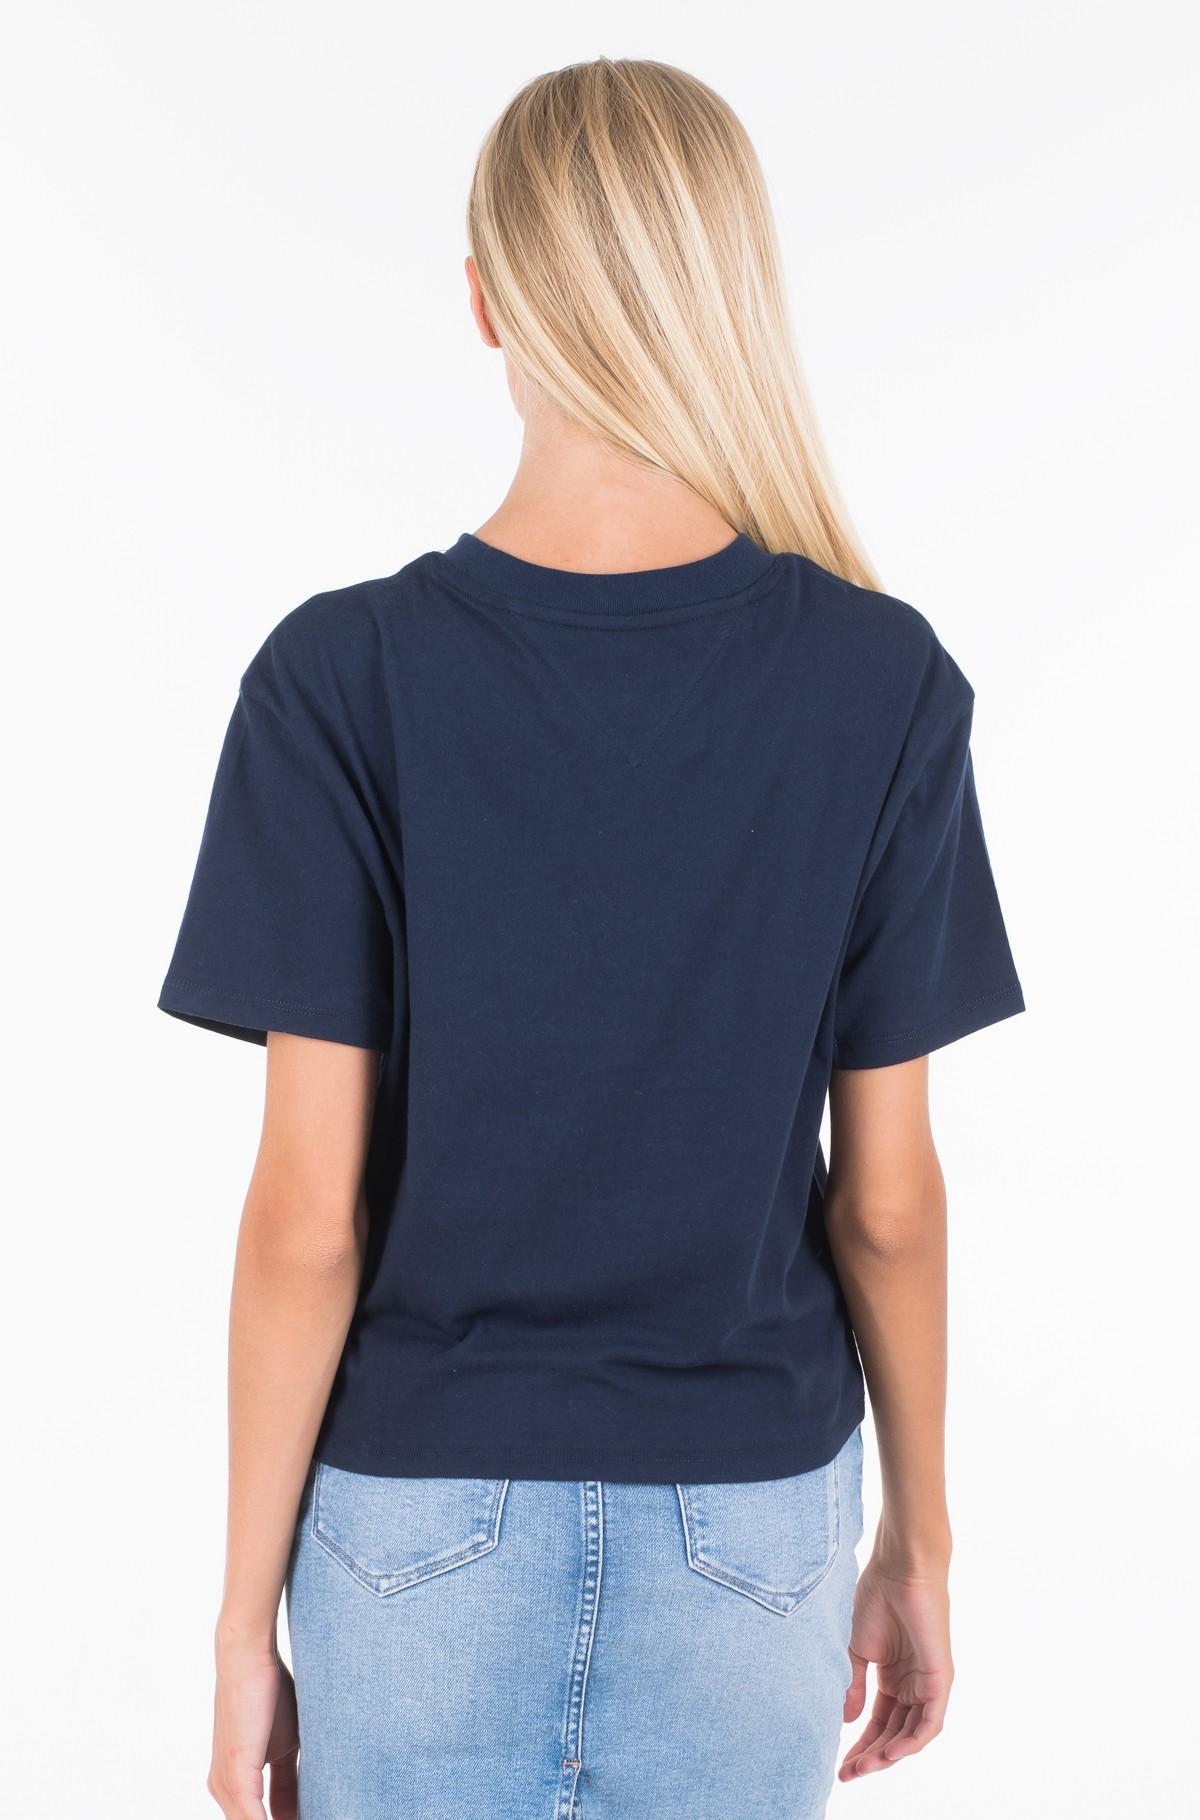 Marškinėliai TJW EMBROIDERY GRAPHIC TEE-full-2